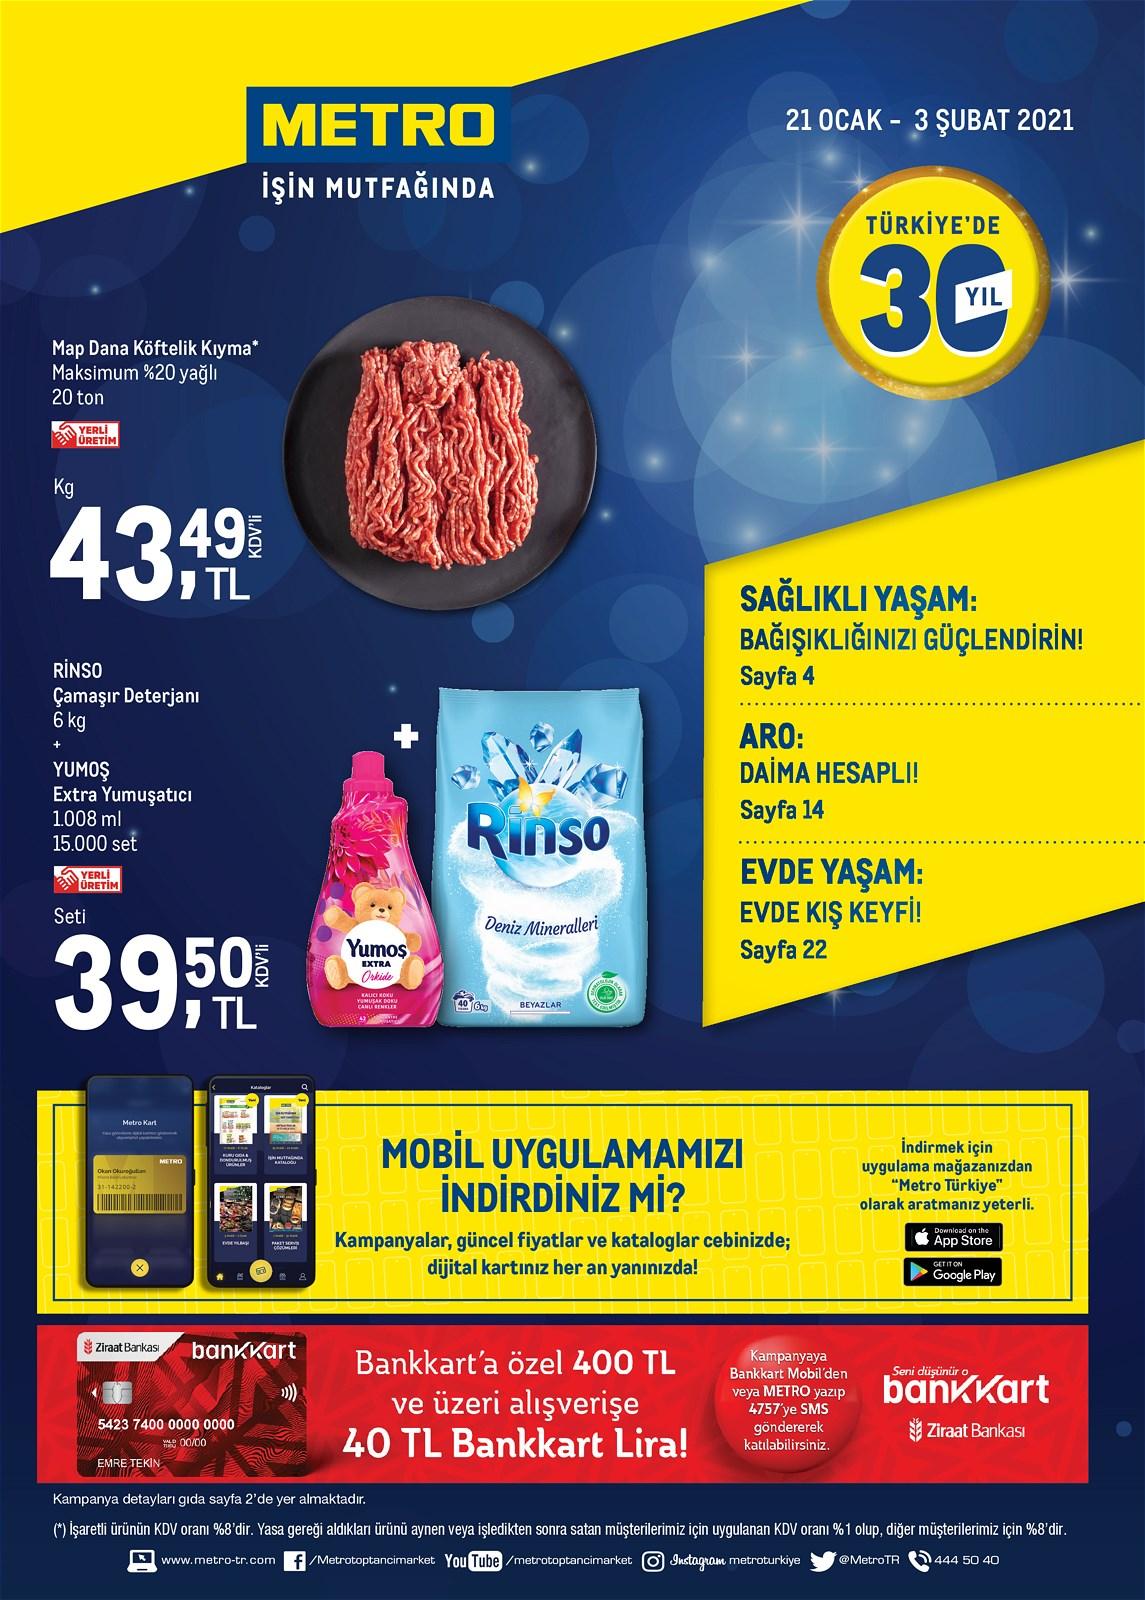 21.01.2021 Metro broşürü 1. sayfa